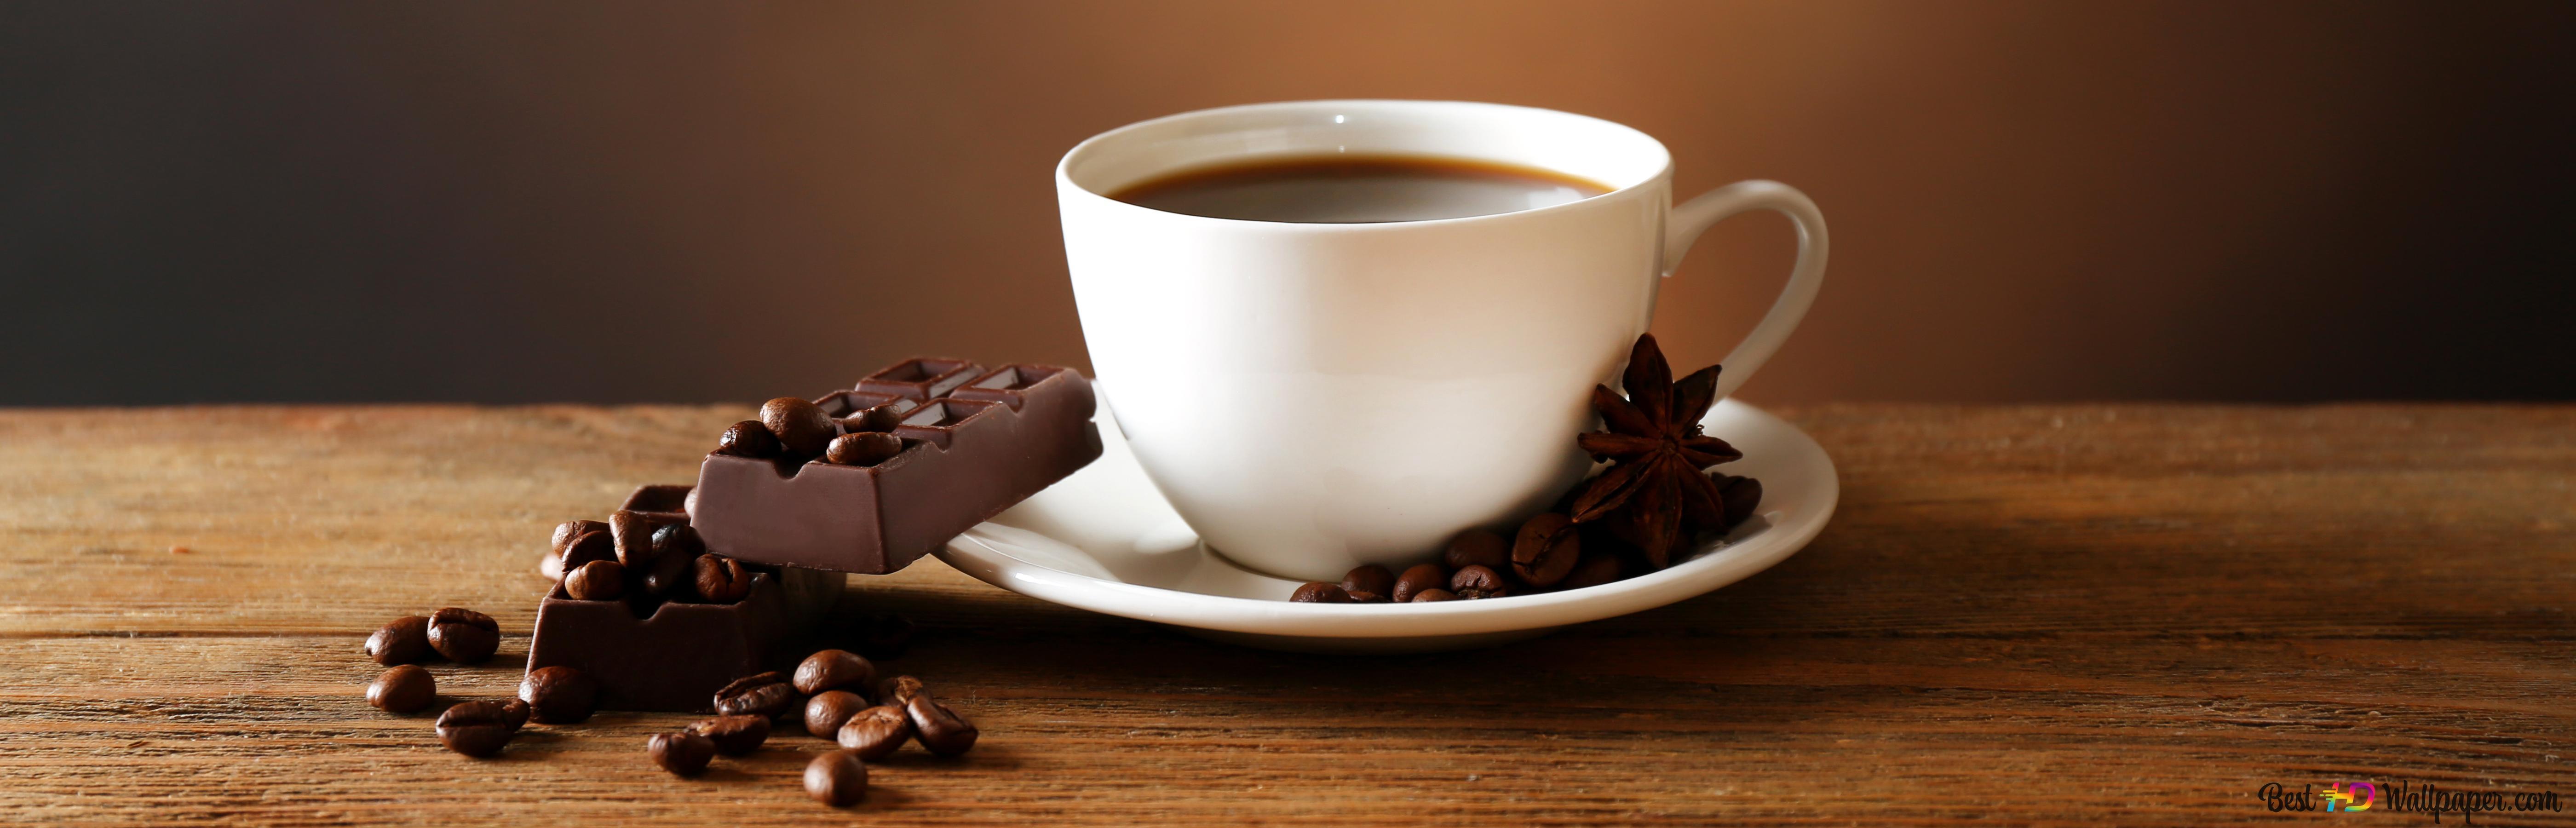 Kaffe med choklad HD tapet nedladdning